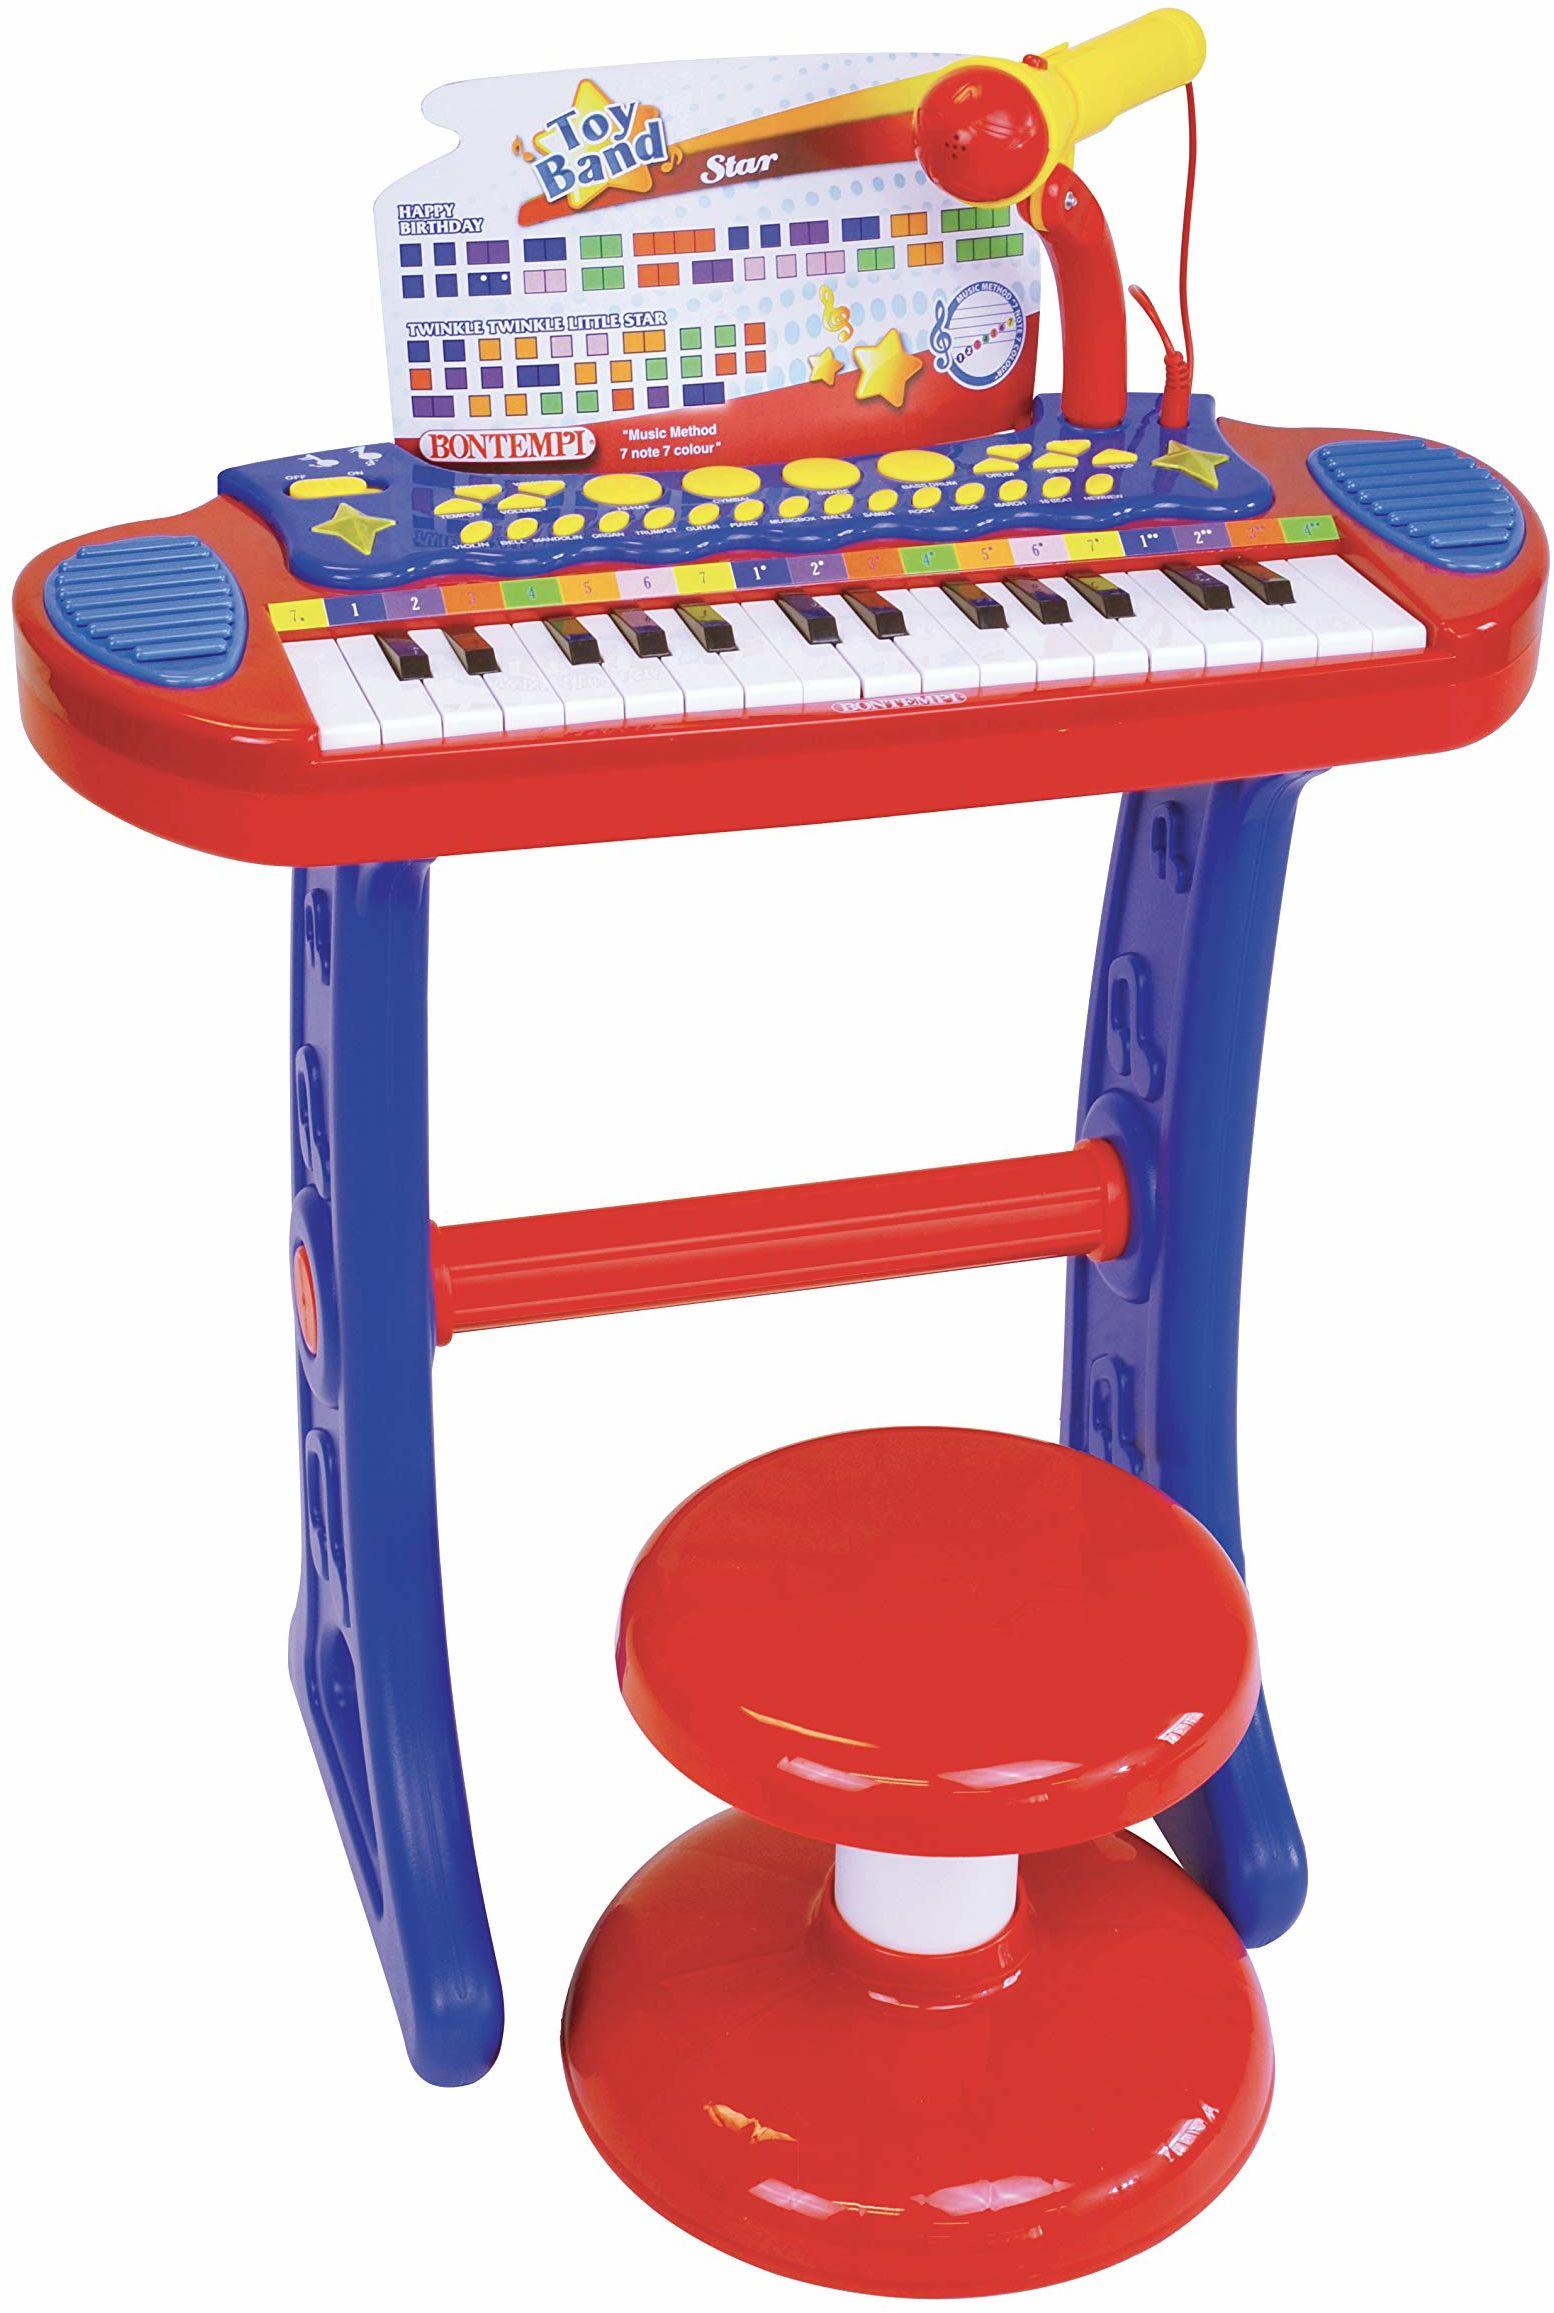 Bontempi 13 3240 elektroniczny organ z nogami, taboretem i mikrofonem, wielokolorowy